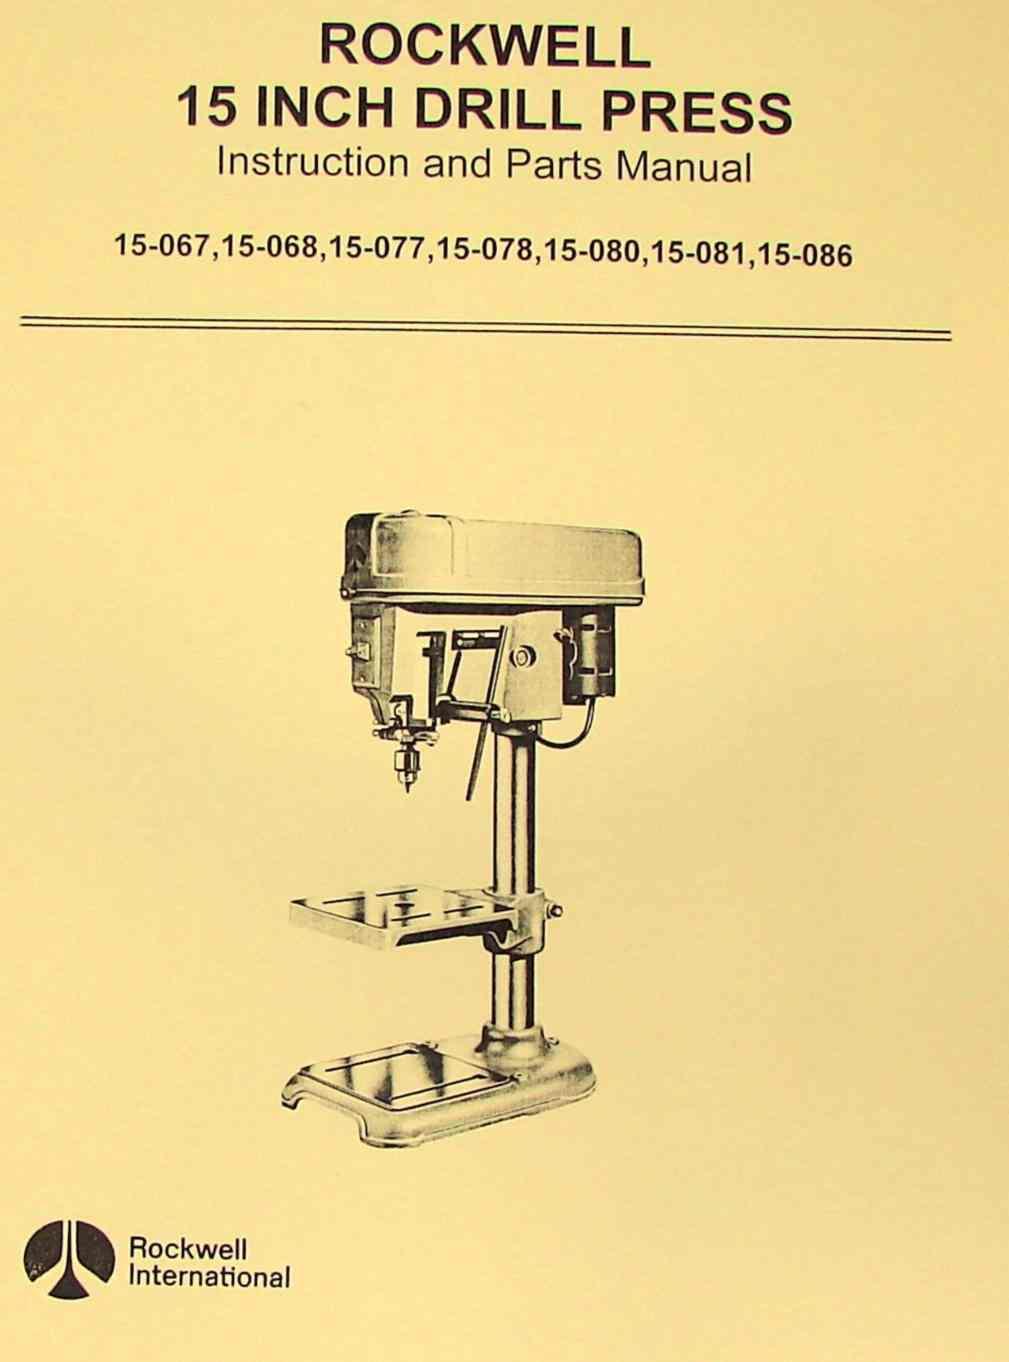 Rockwell Drill Press Parts Manual